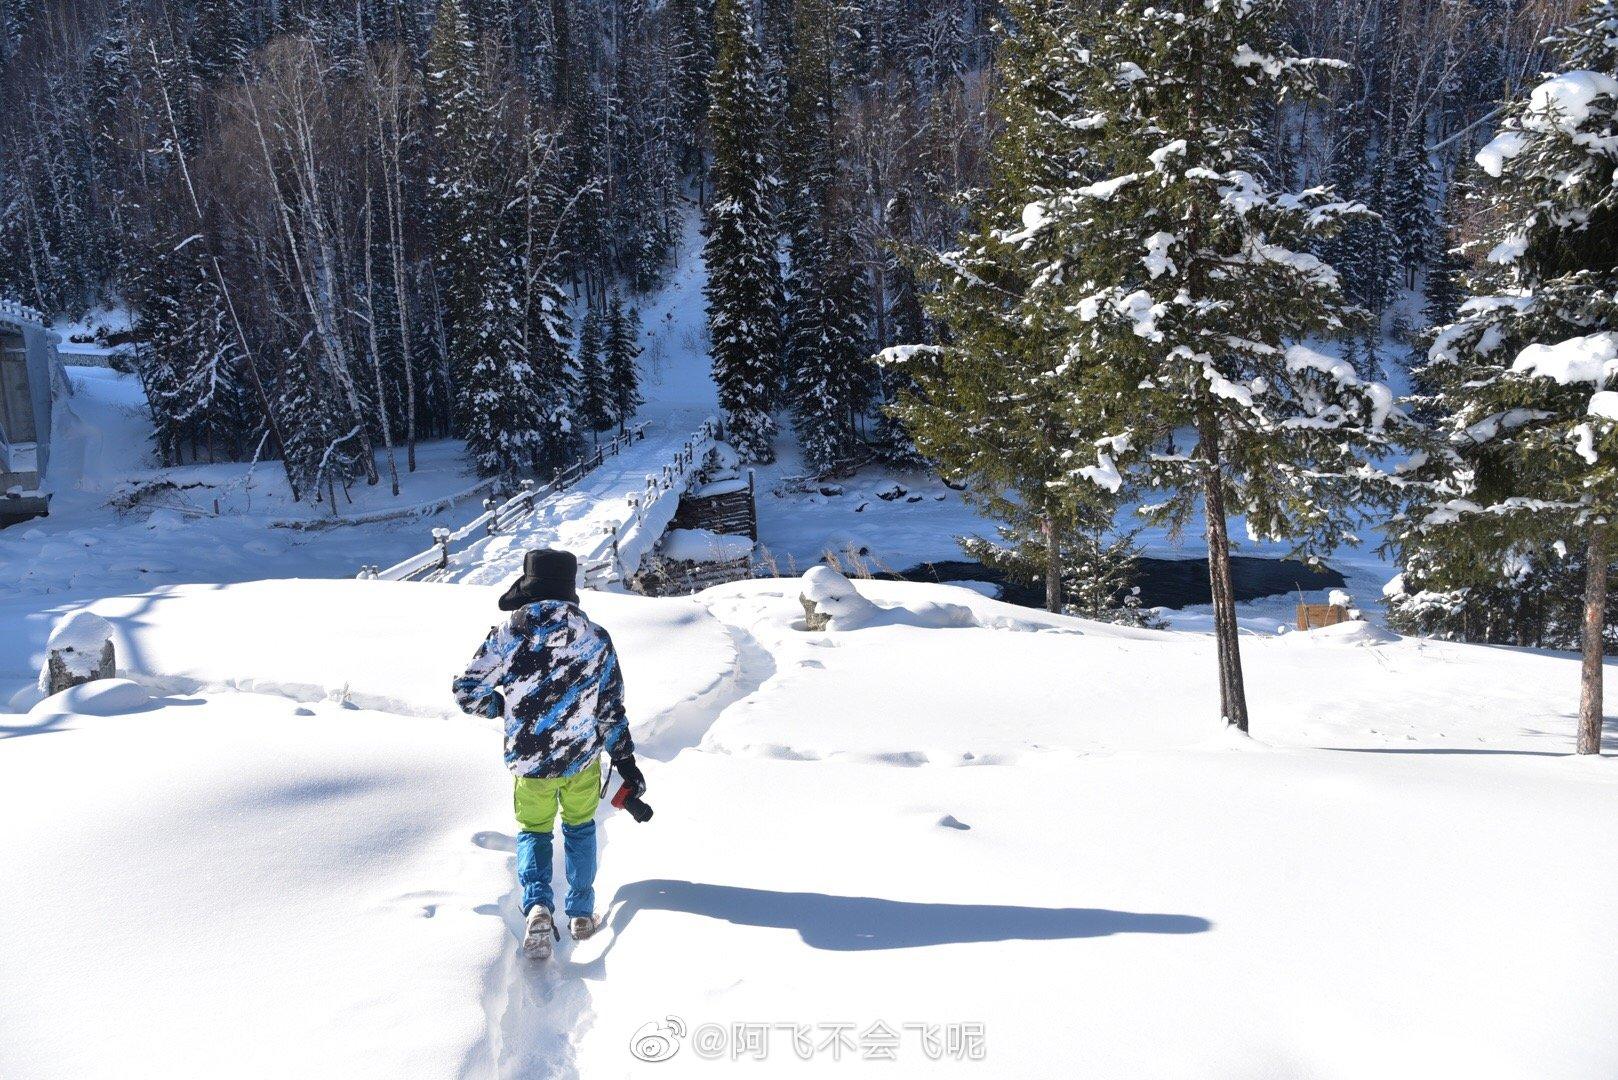 冬天的新疆有多美,只有见过的人才知道